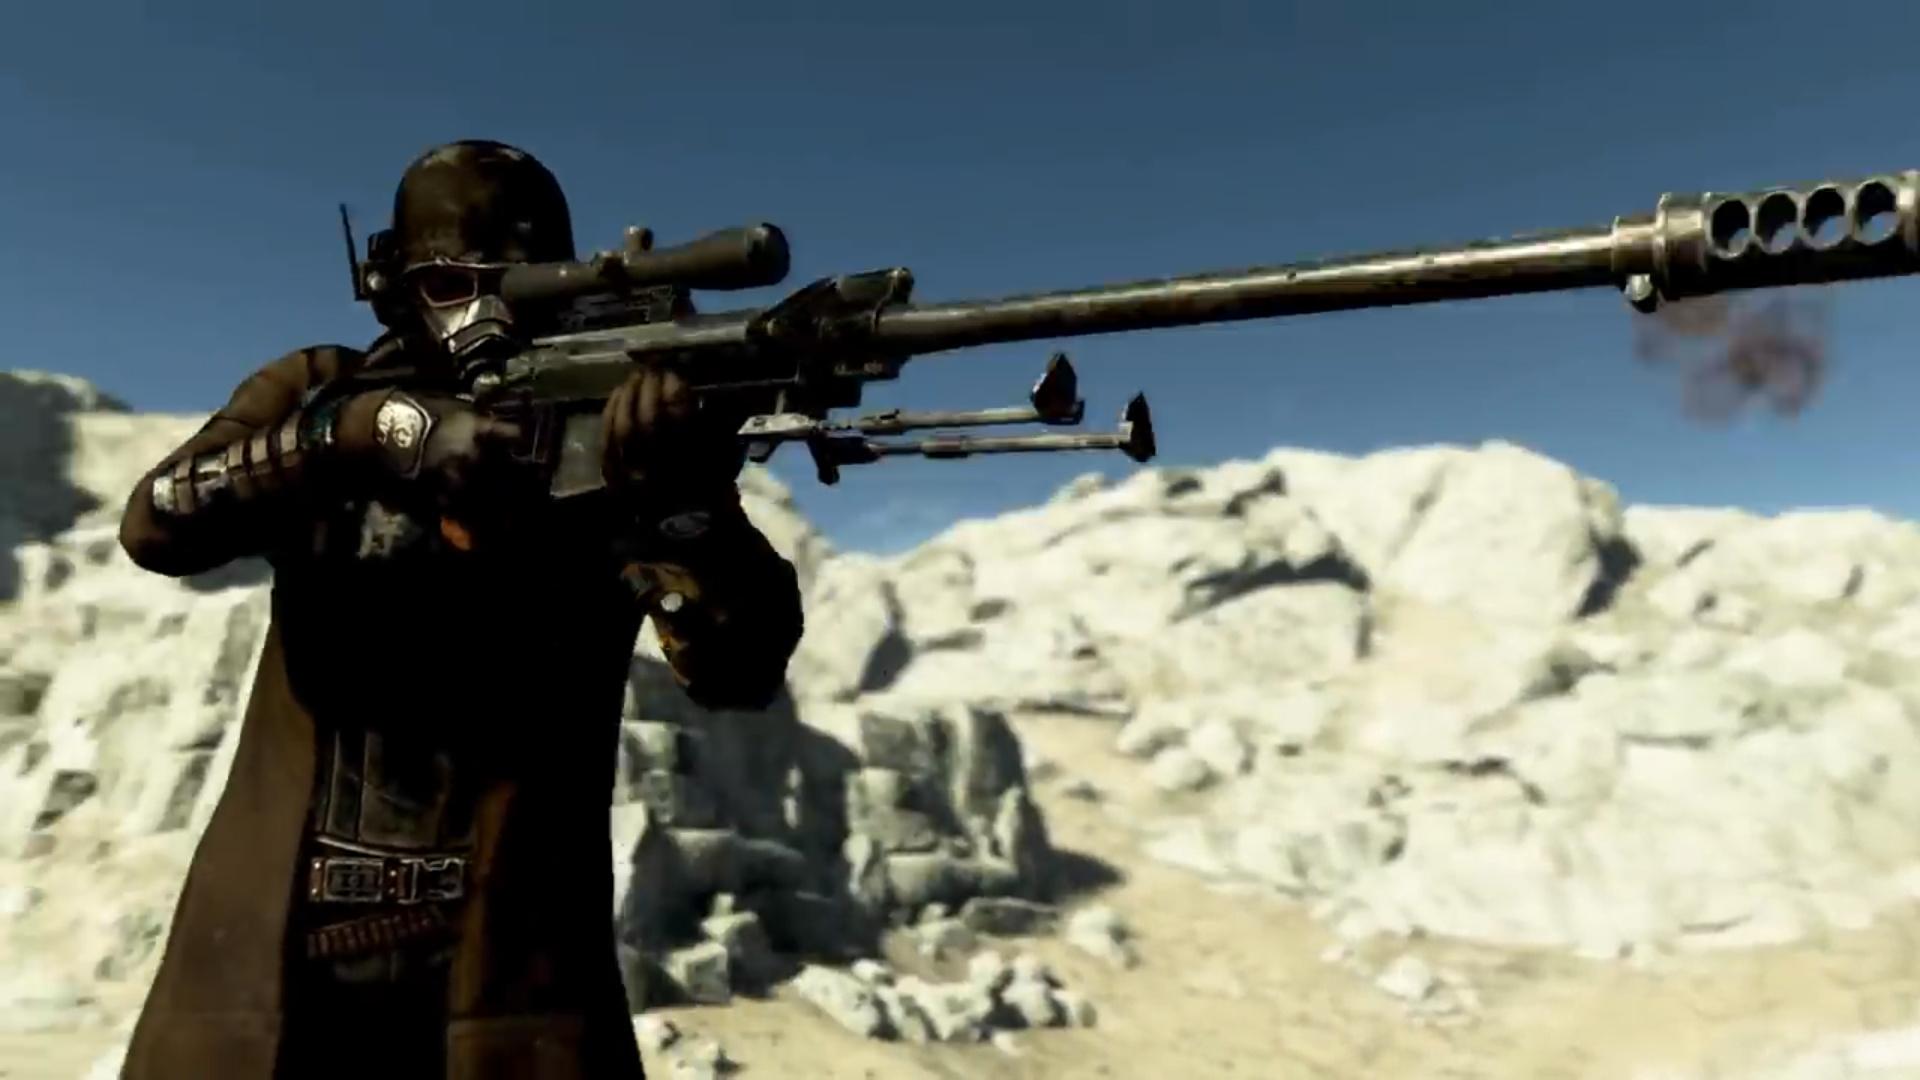 В честь 10-летия Fallout: New Vegas опубликован ролик Fallout 4: New Vegas